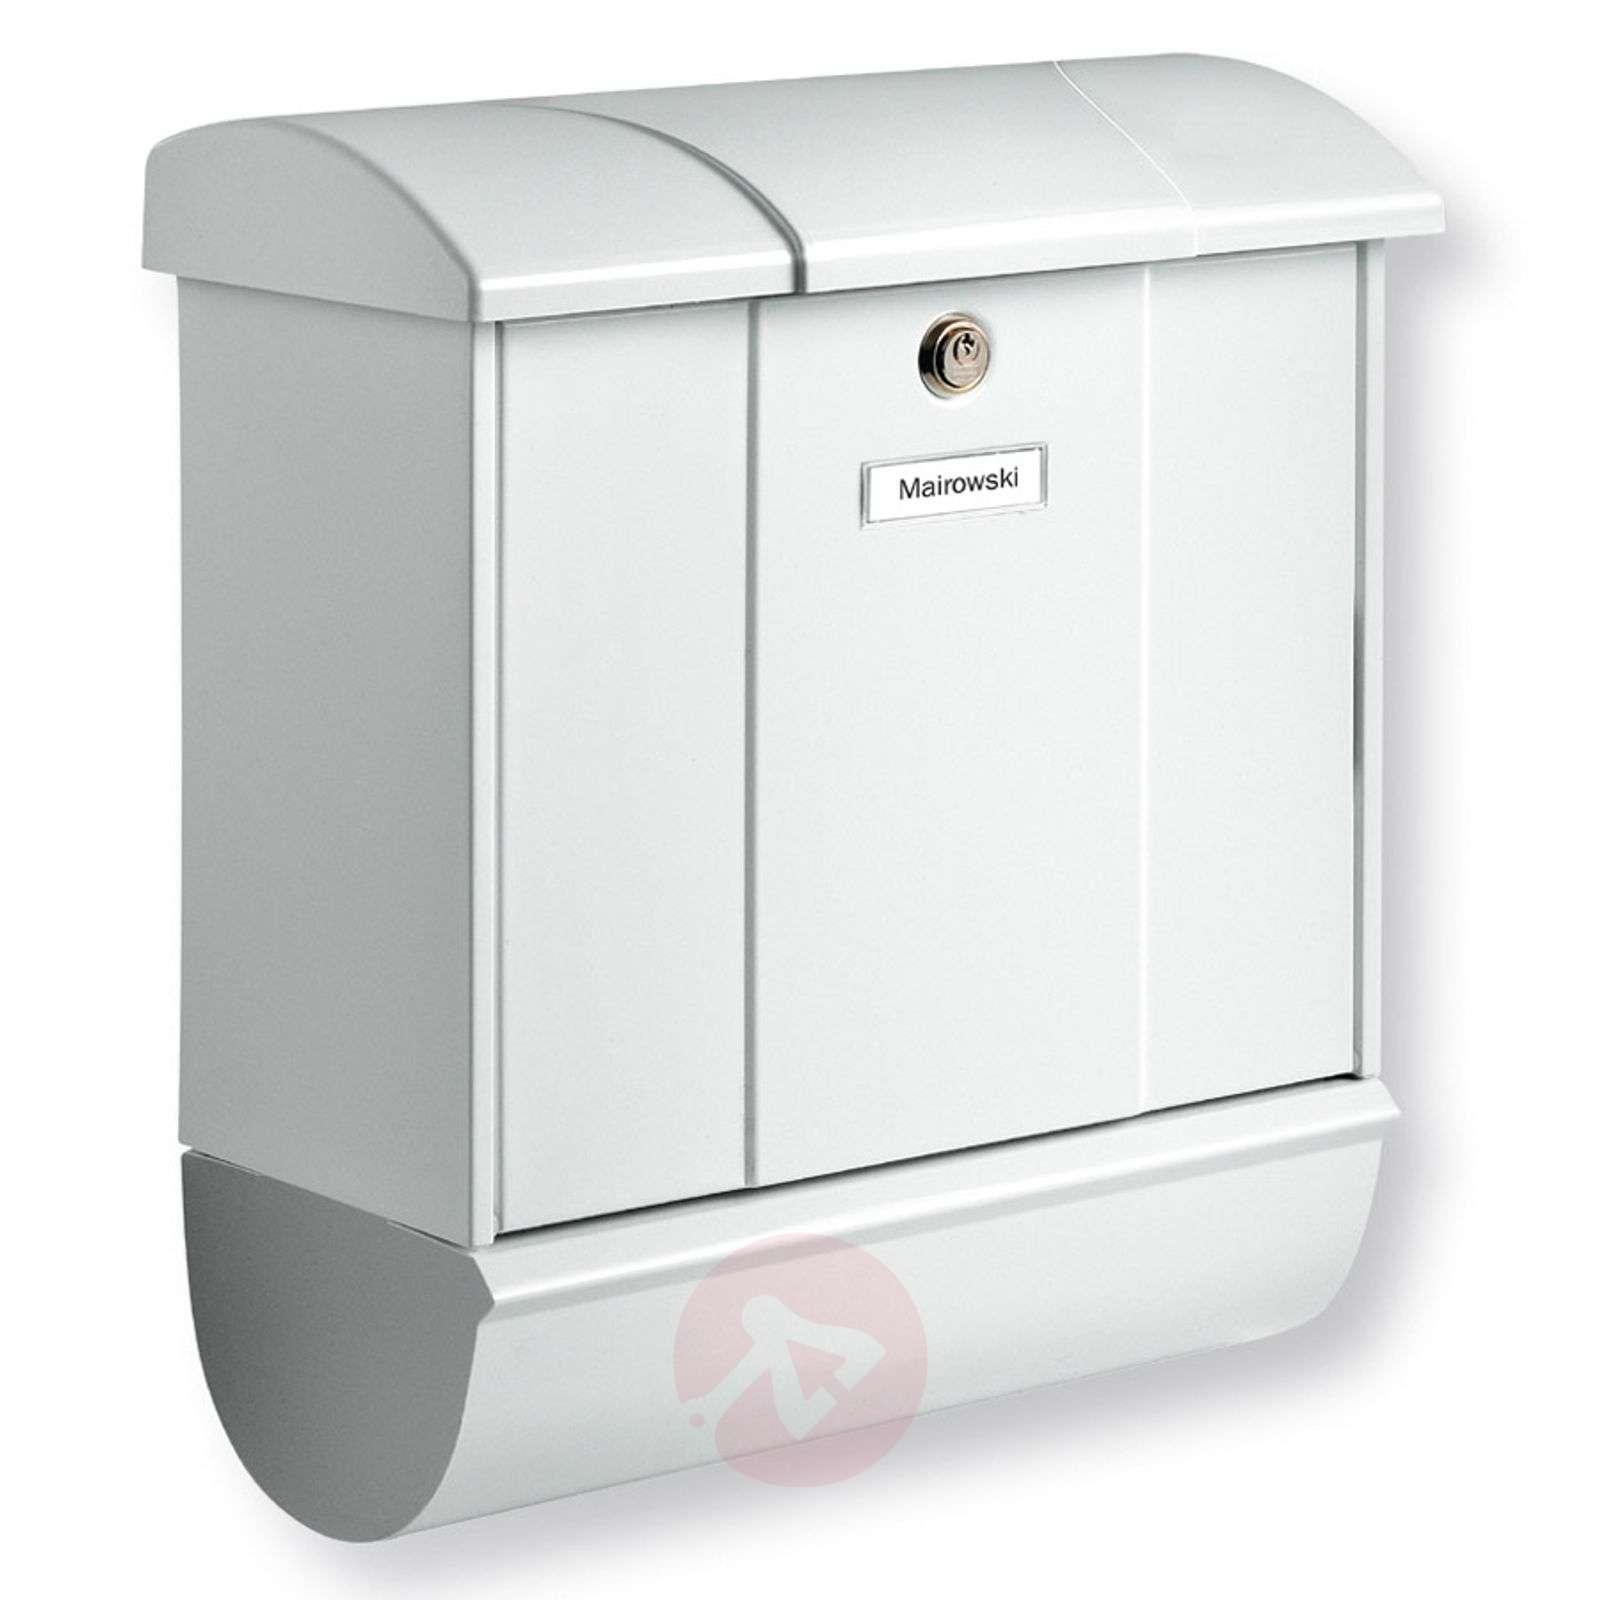 Olymp-postilaatikko sanomalehtilokerolla valkoinen-1532077-01